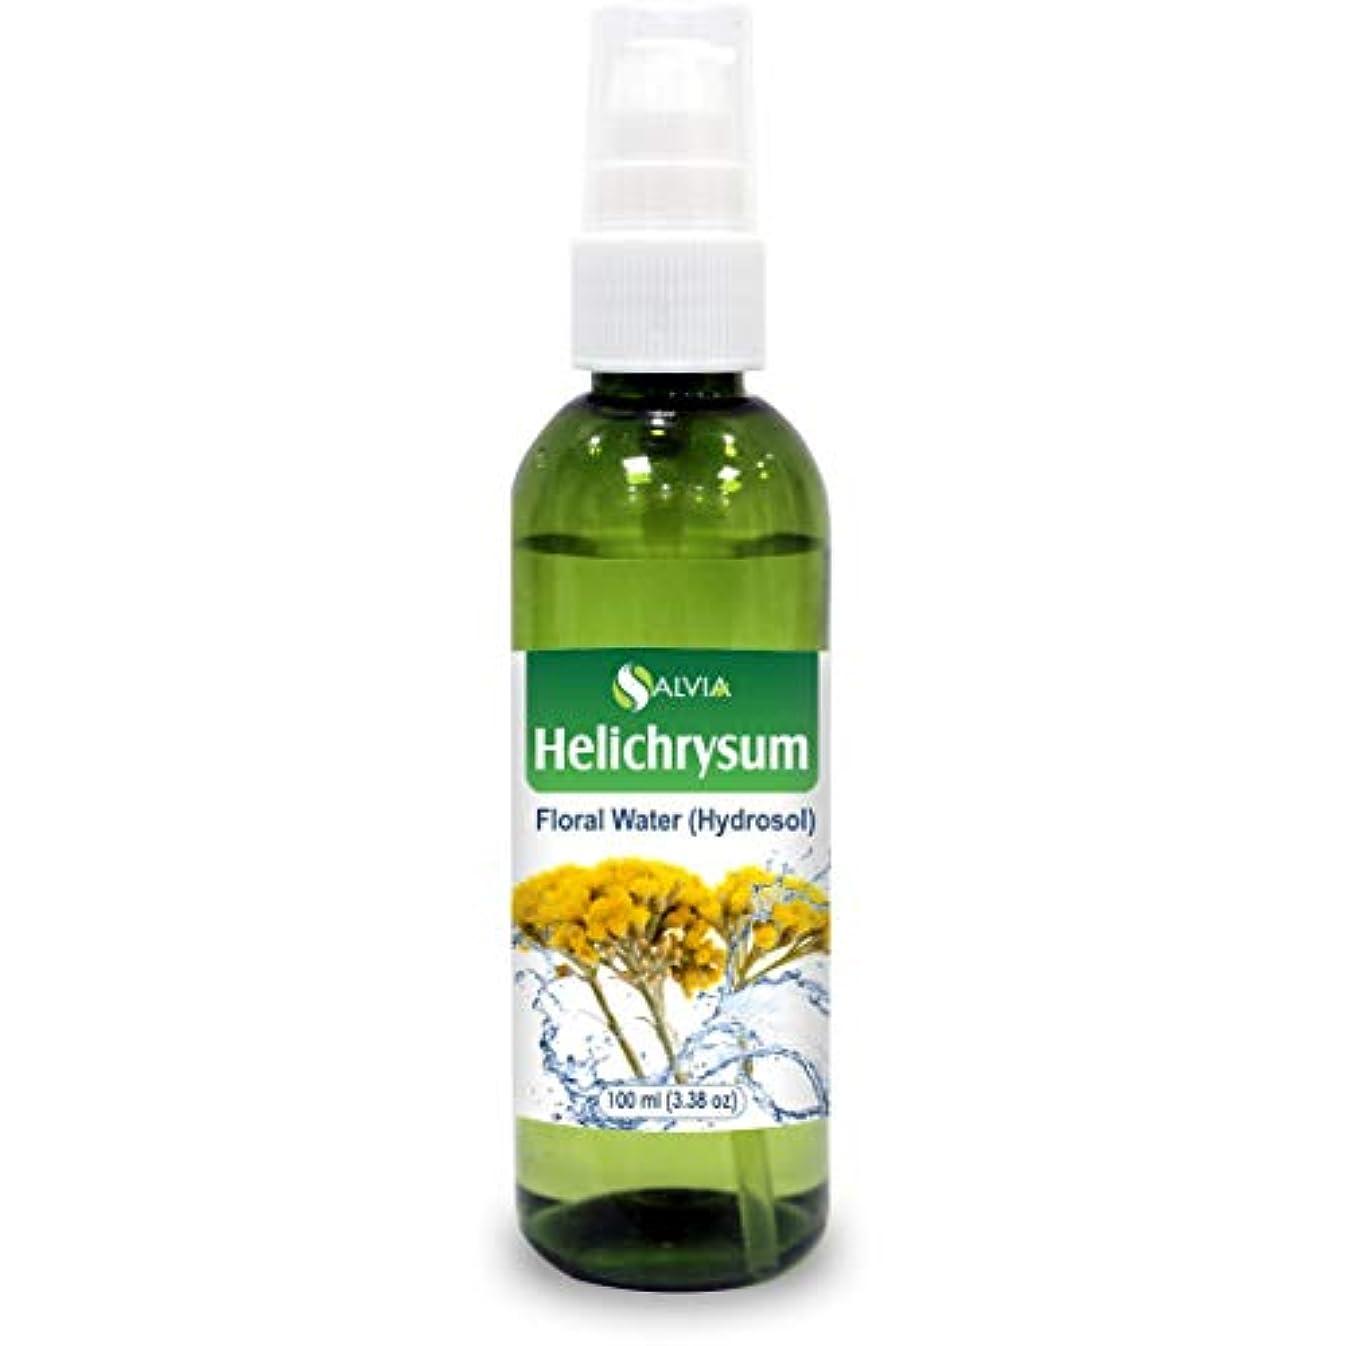 日記二十記述するHelichrysum Floral Water 100ml (Hydrosol) 100% Pure And Natural